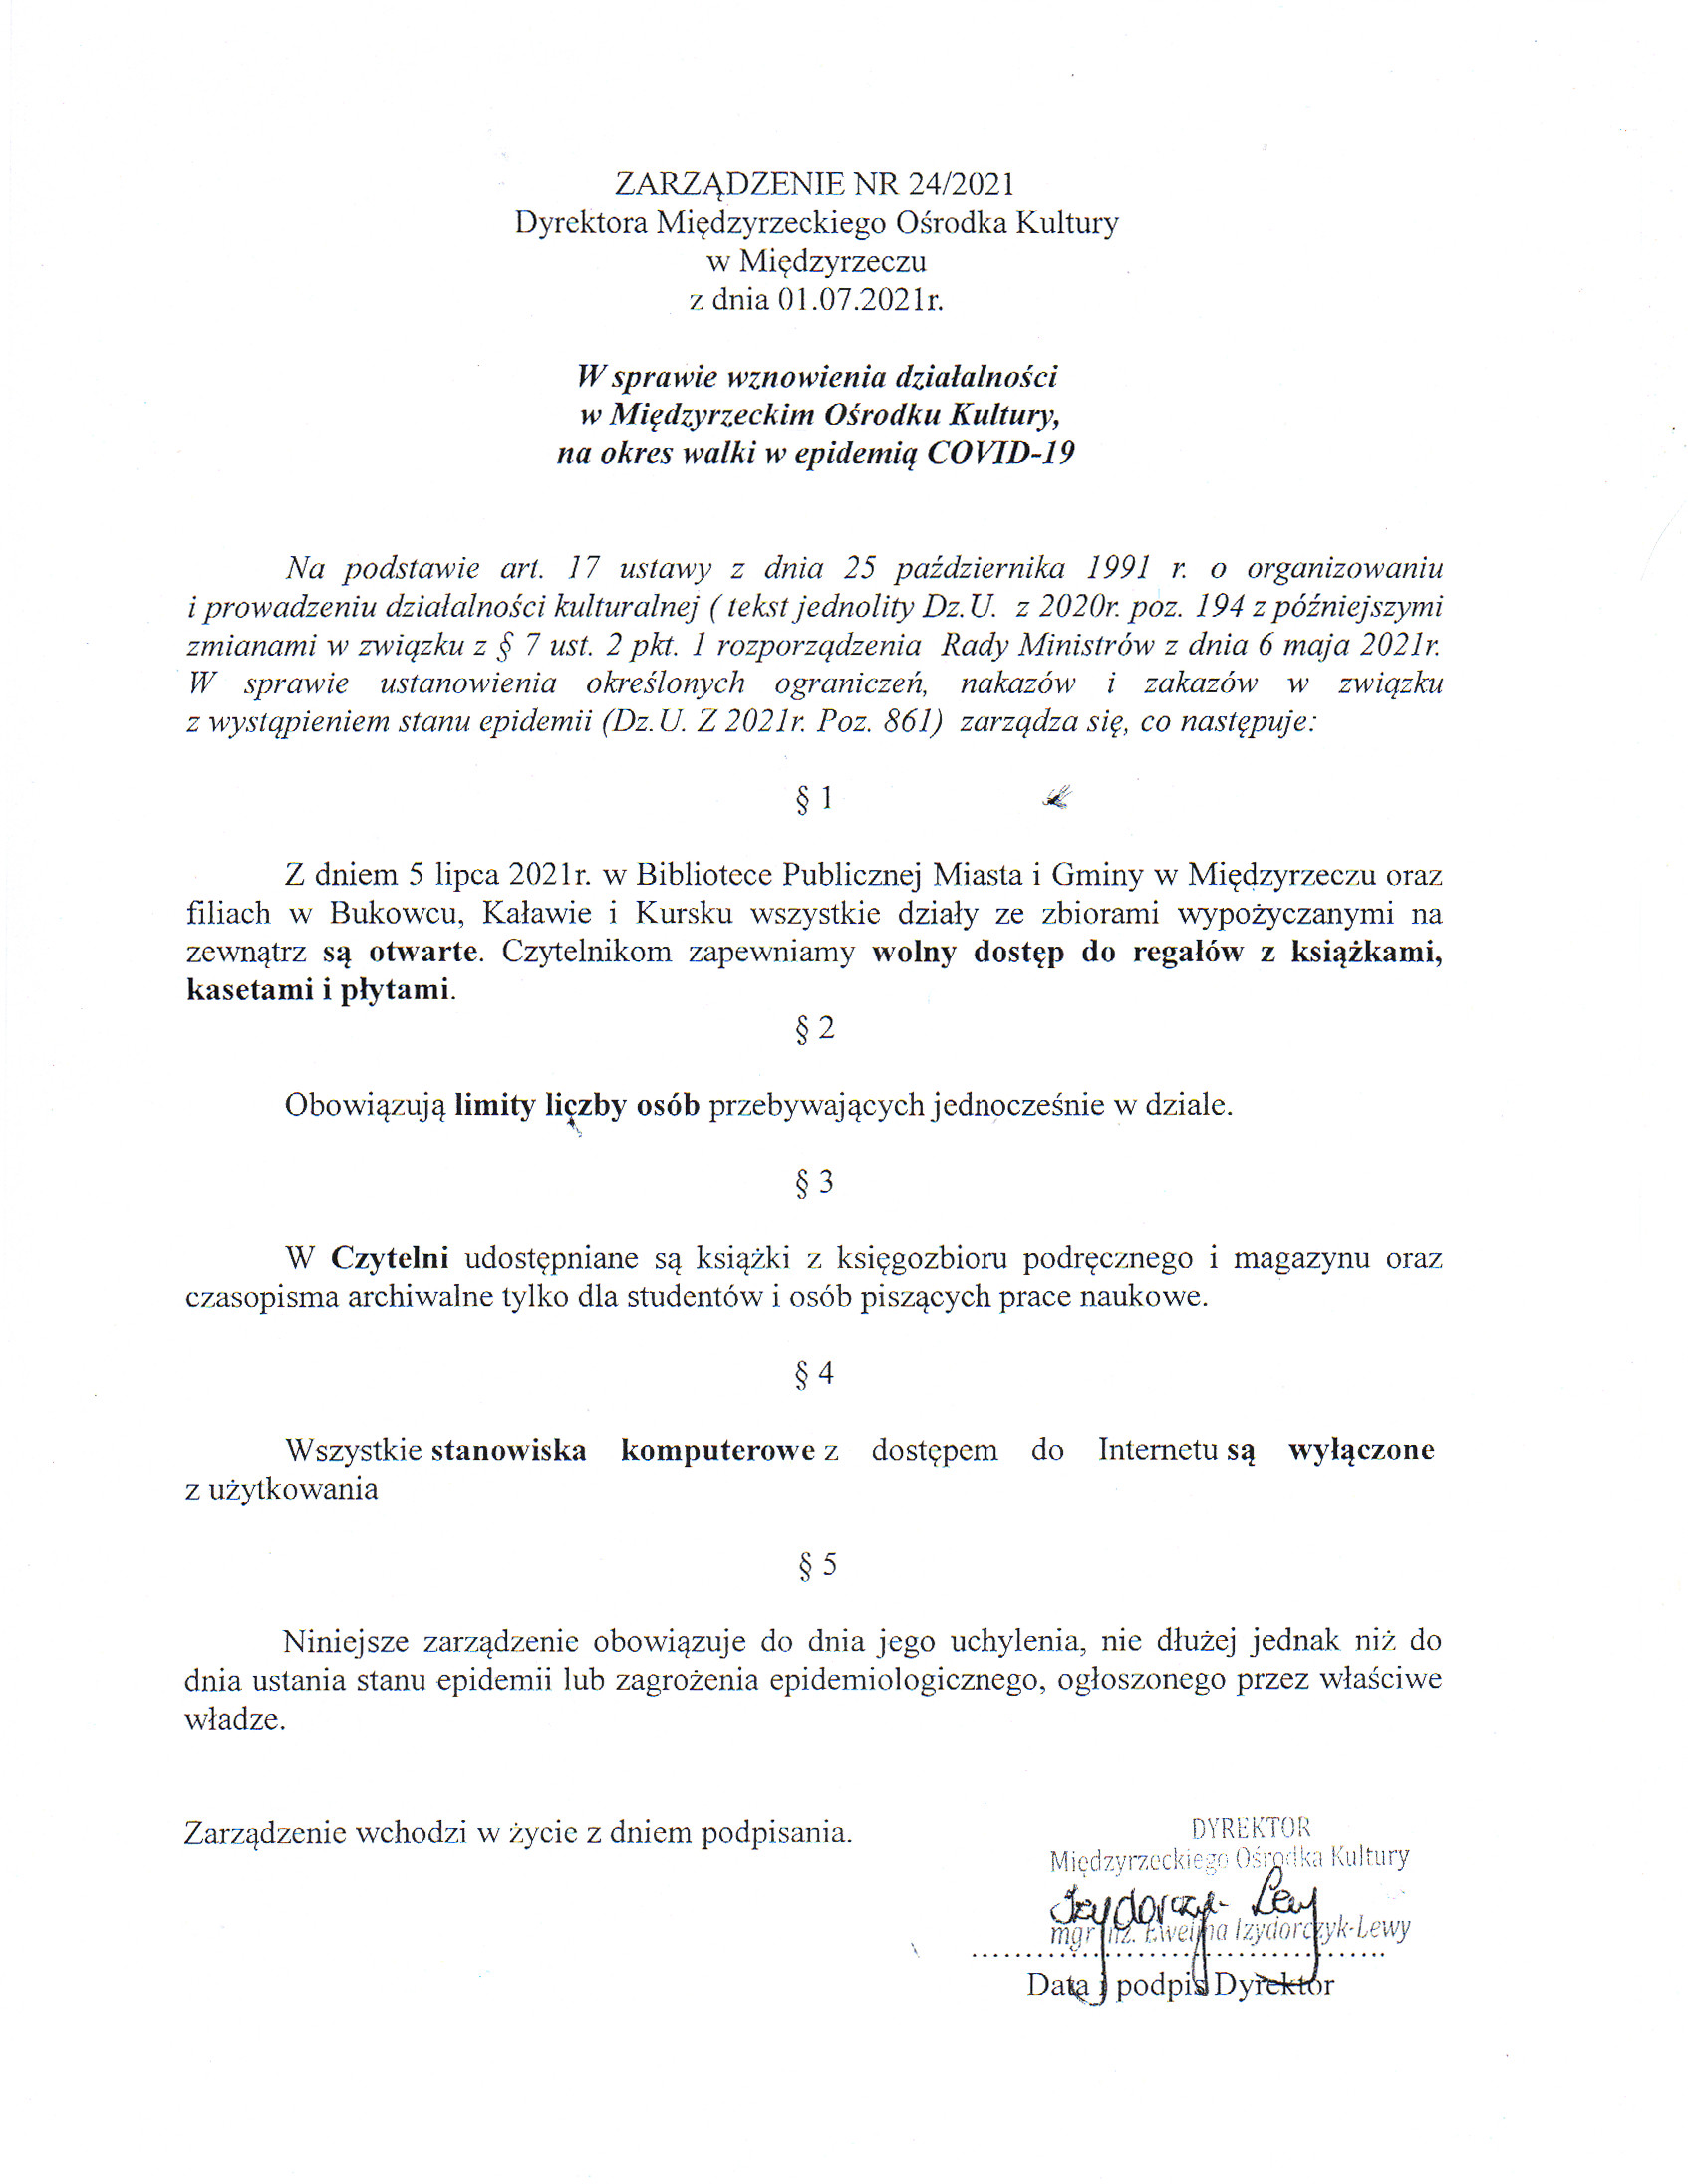 zarządzenie dotyczące zmiany zasad korzystania z biblioteki